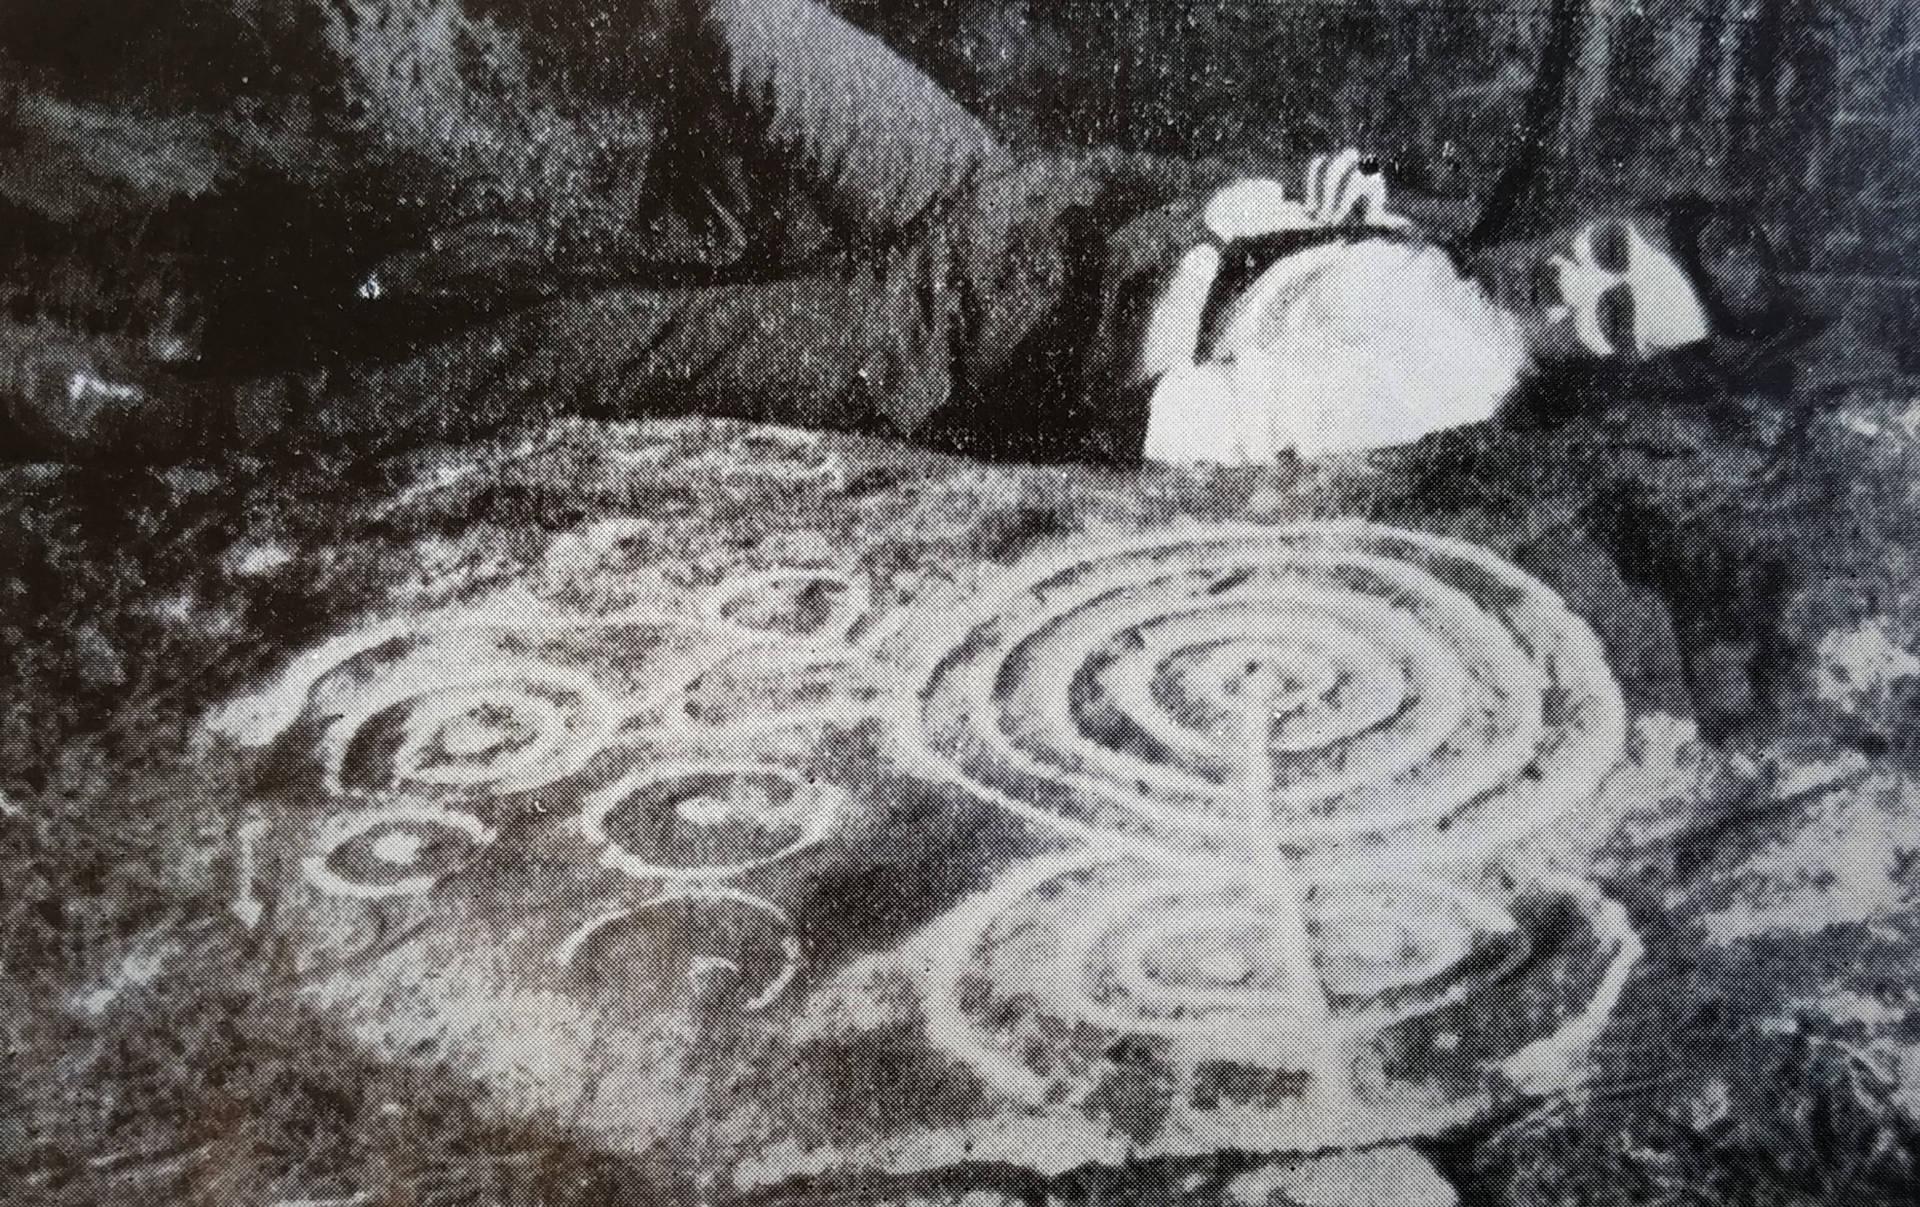 Fernando Acuña castroviejo en el Petroglifo de Río Angueira 1 en 1969.